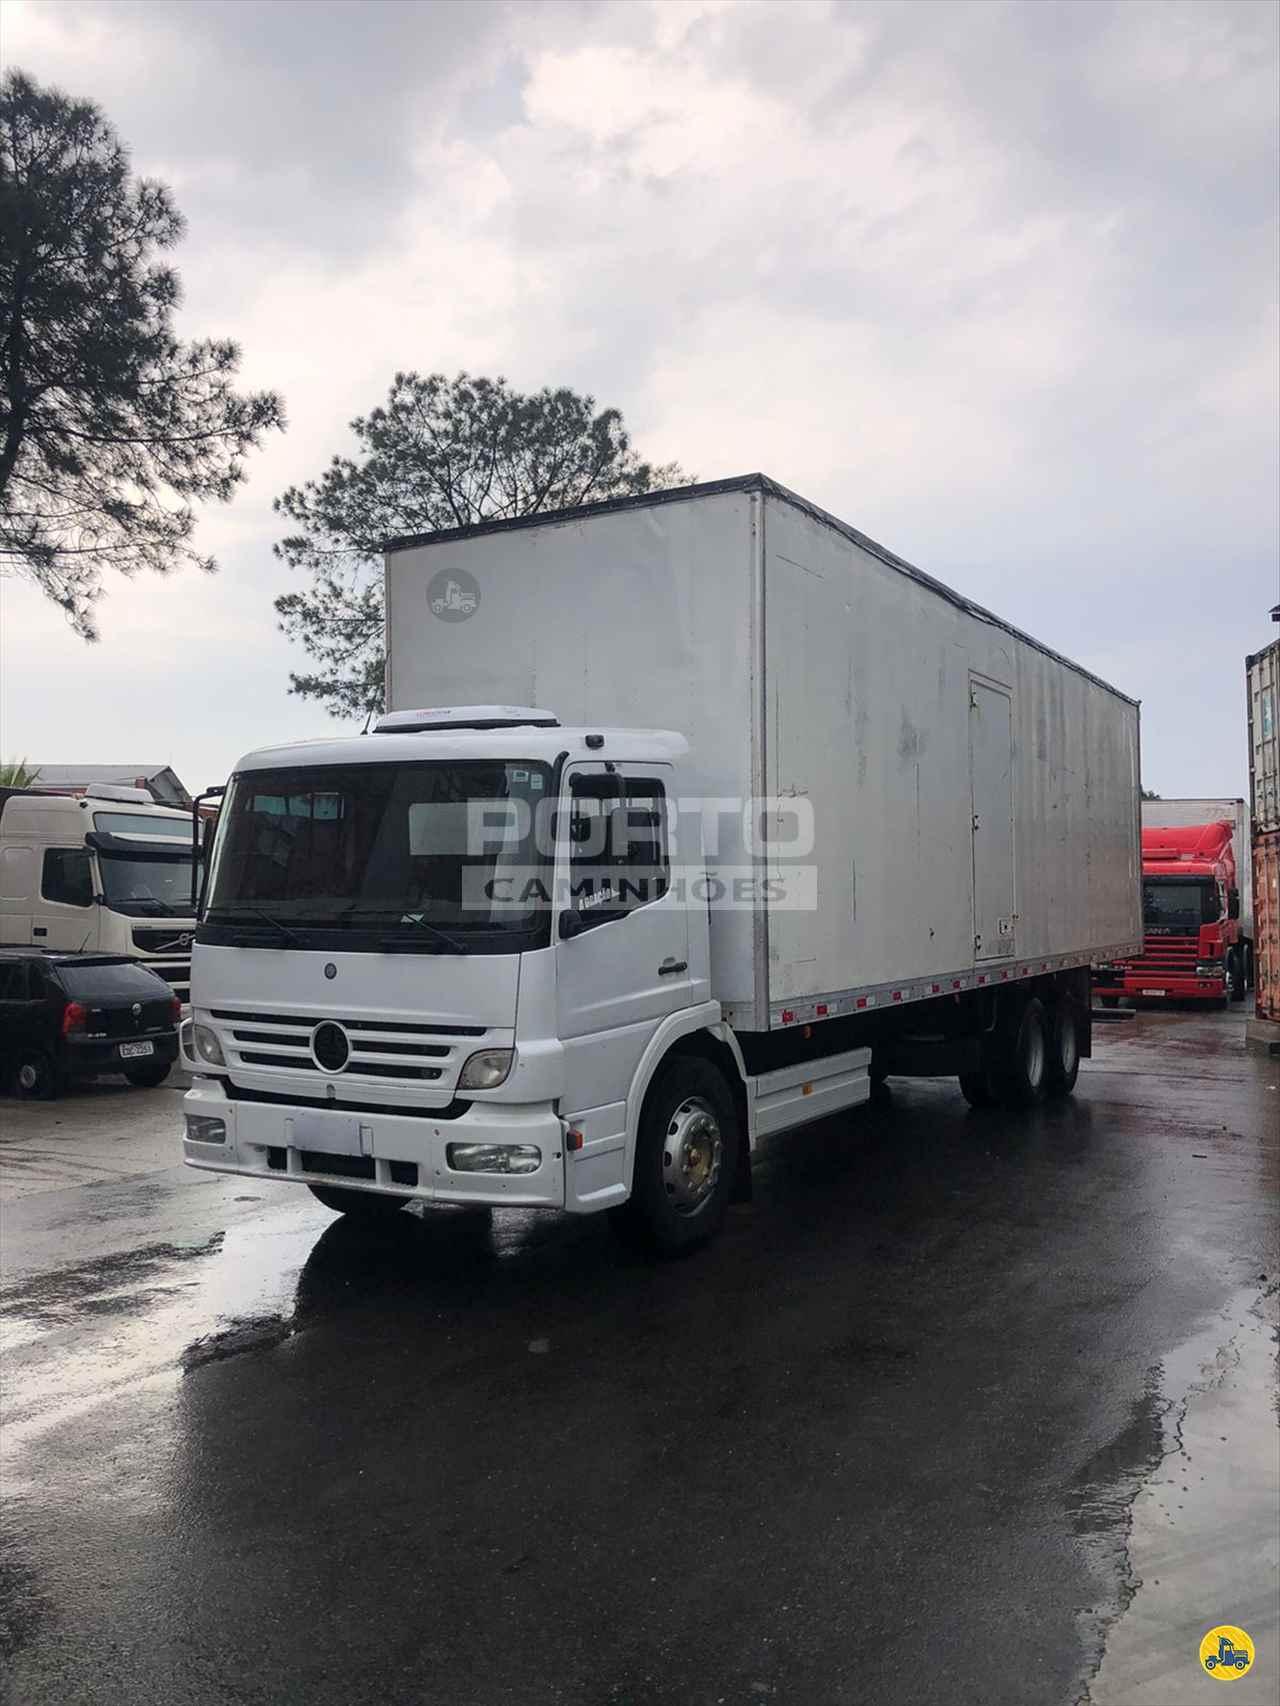 MB 1418 de Porto Caminhões - GUARULHOS/SP